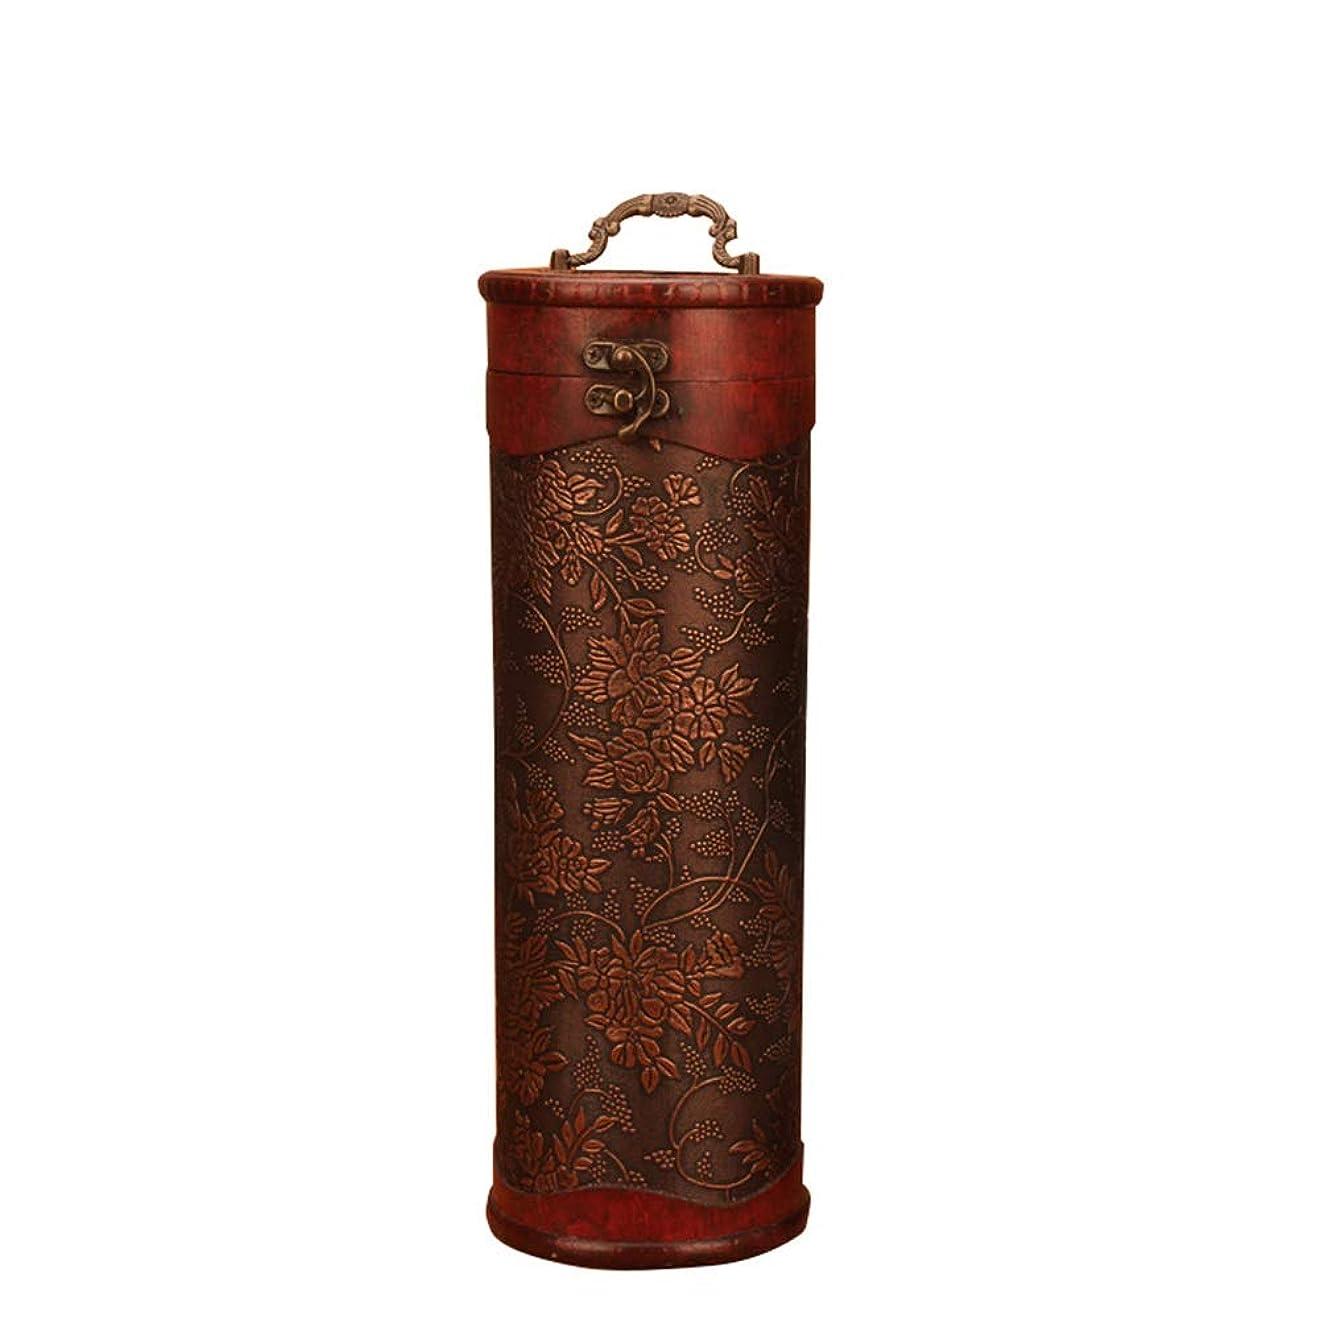 サービスコミットパイプラインワインギフトボックス 飾るお土産のためのヴィンテージワインボトルボックスギフトバッグ 記念日やディナーパーティーに使用 (色 : As Shown, Size : 11.5x33.5cm)